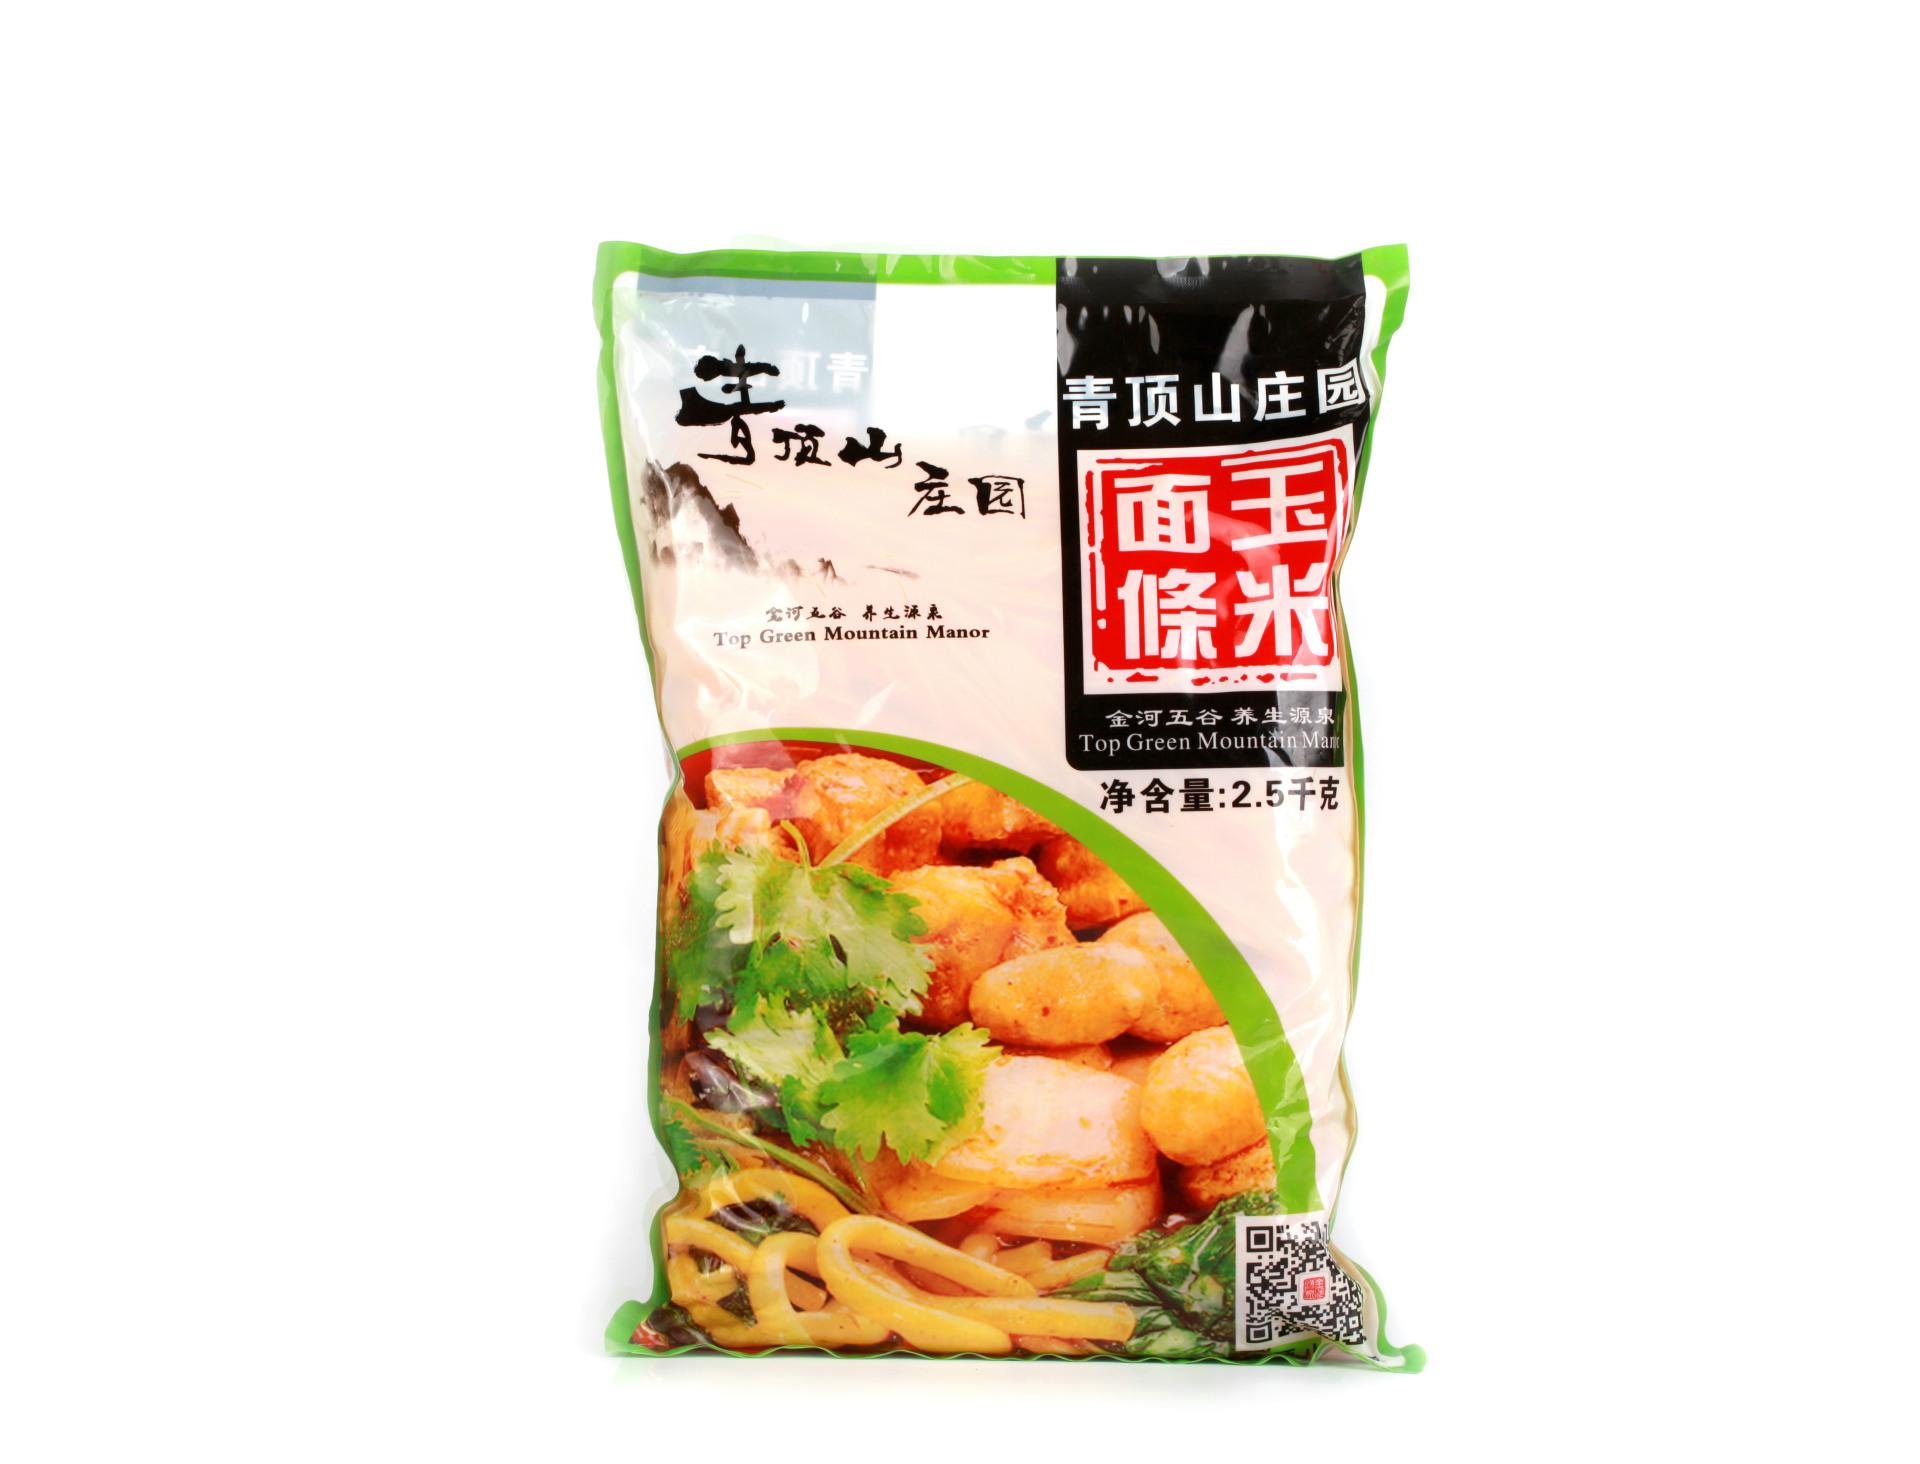 面食 金丝玉米速食面玉米面条2500g健康面条杂粮米面特产挂面批发1